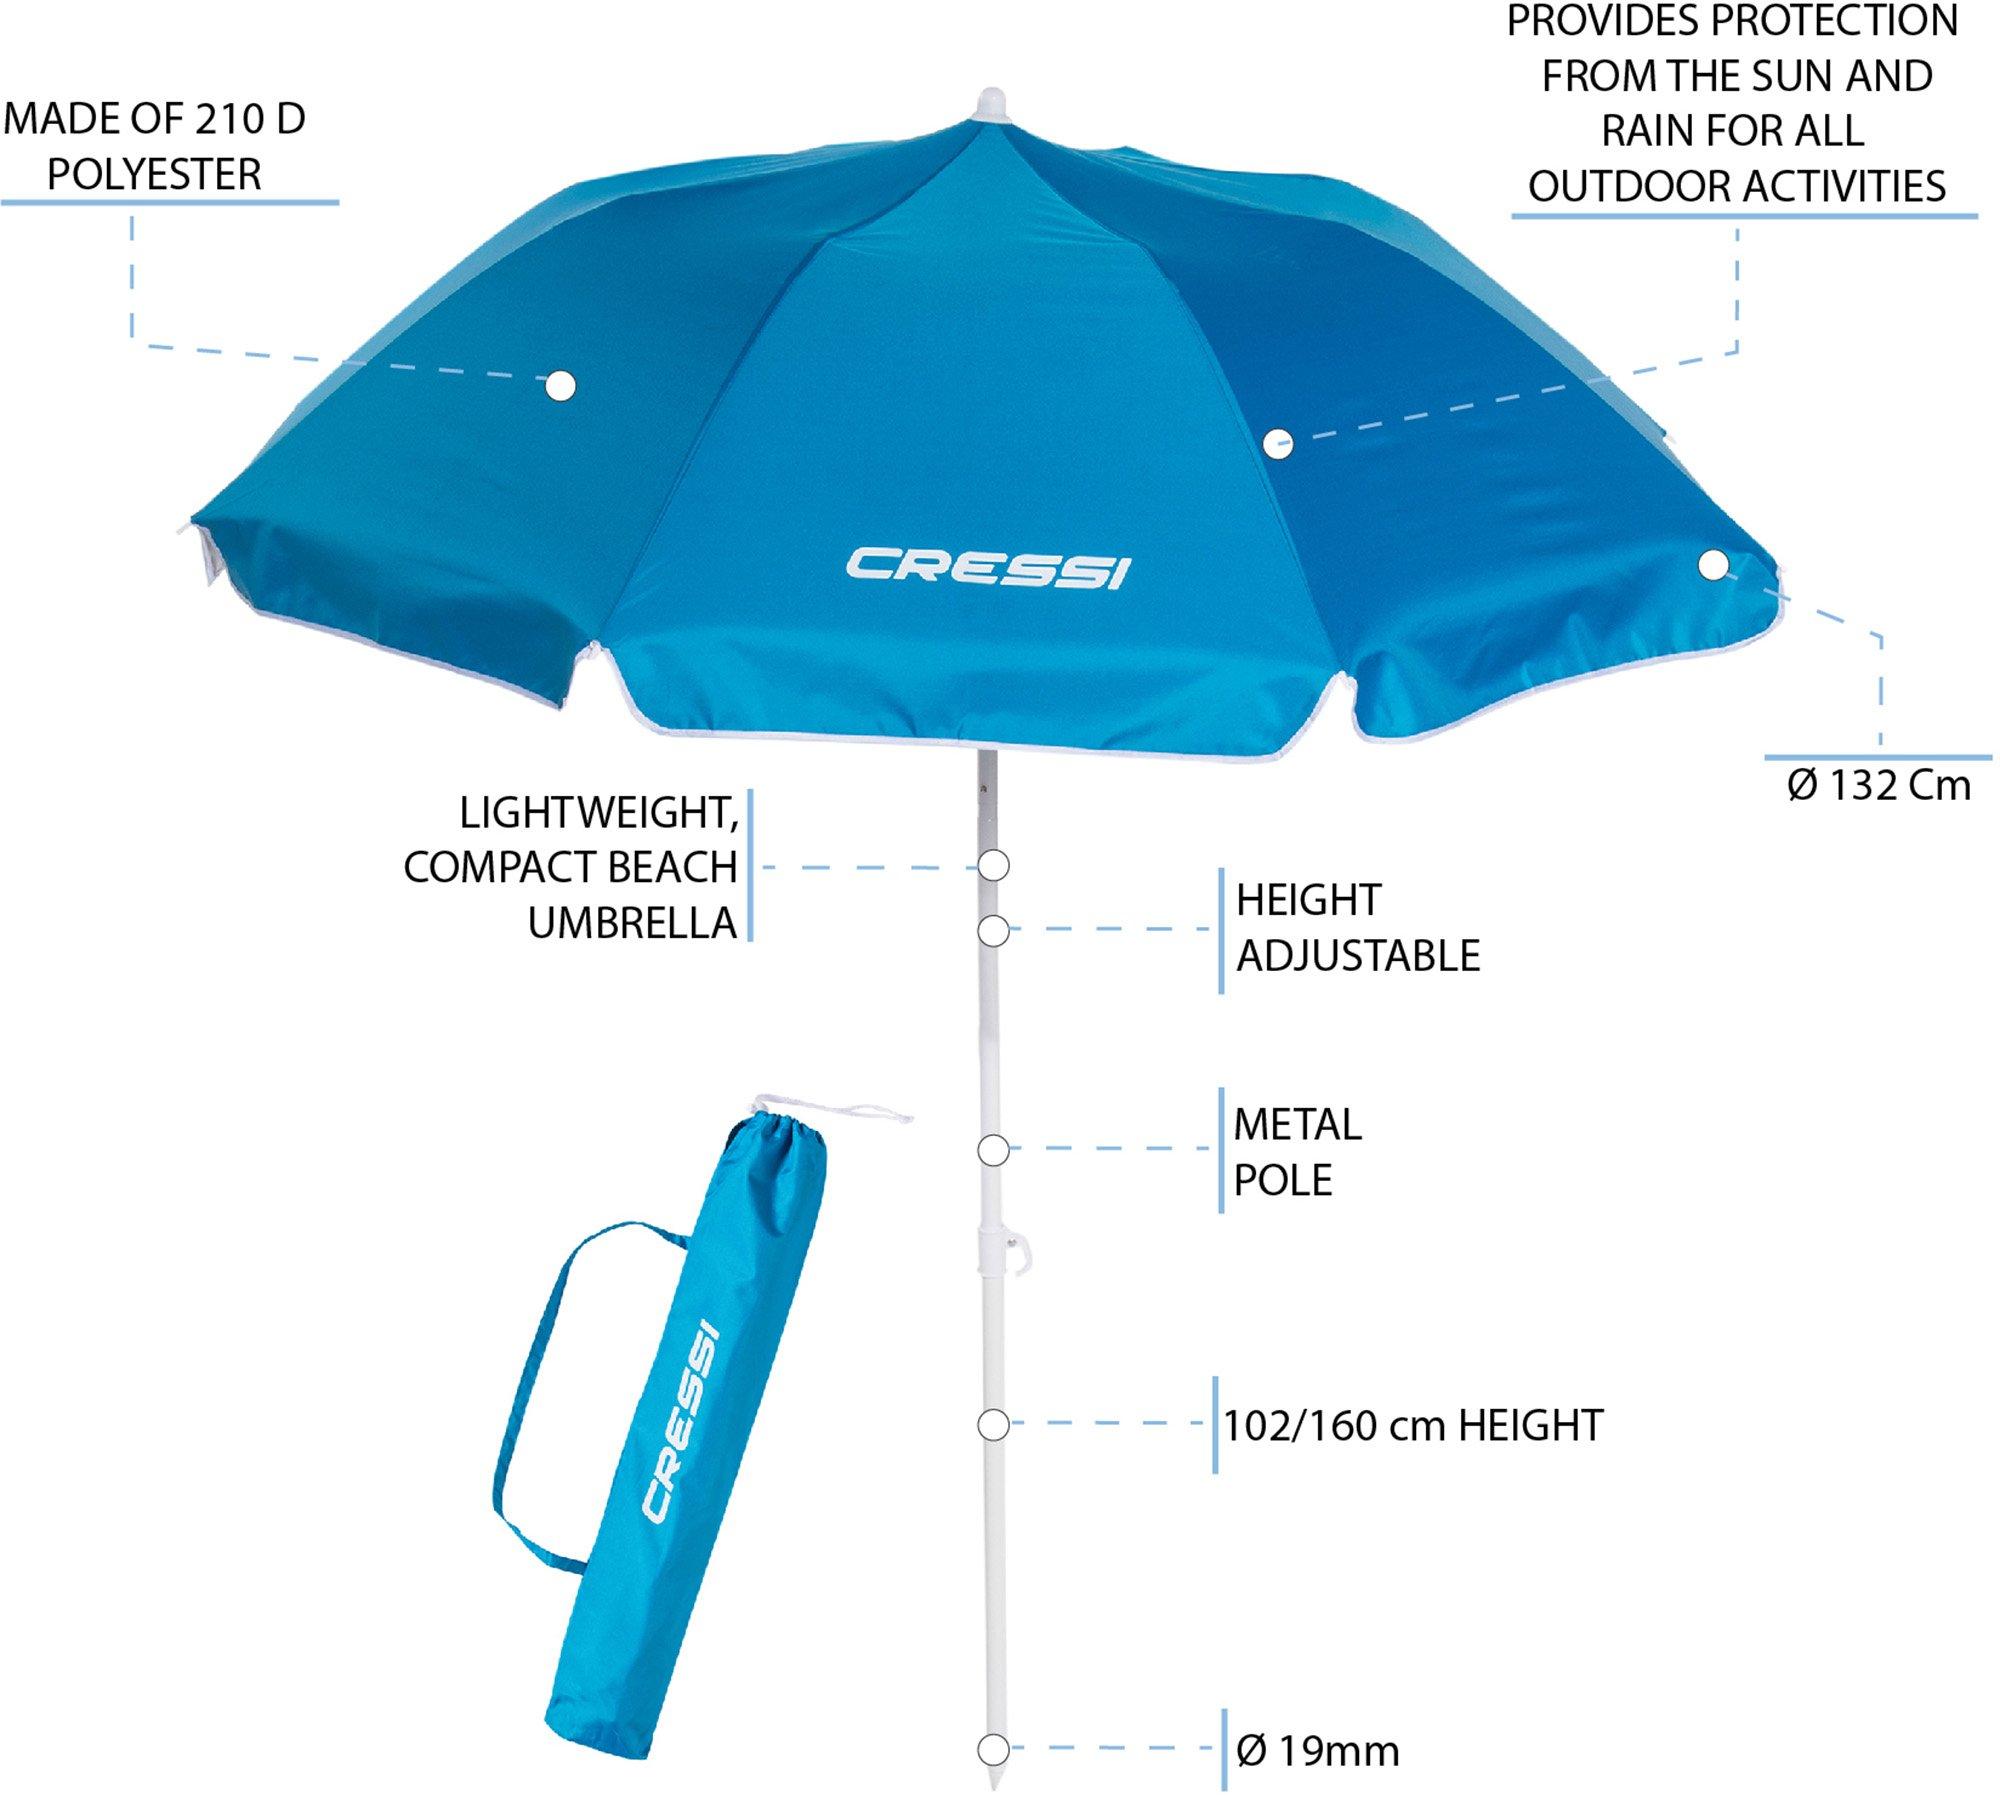 Cressi Premium Beach Umbrella Portable with Folding 3